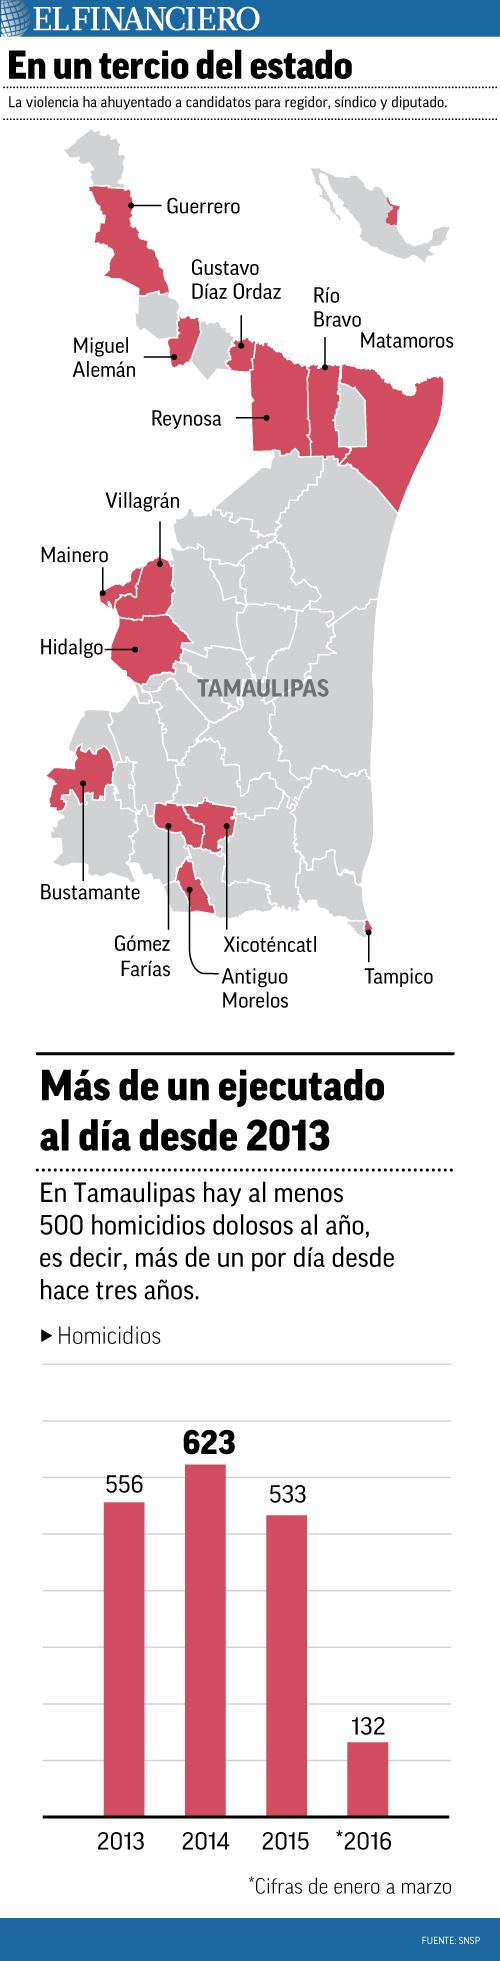 NACIONAL_tamaulipas